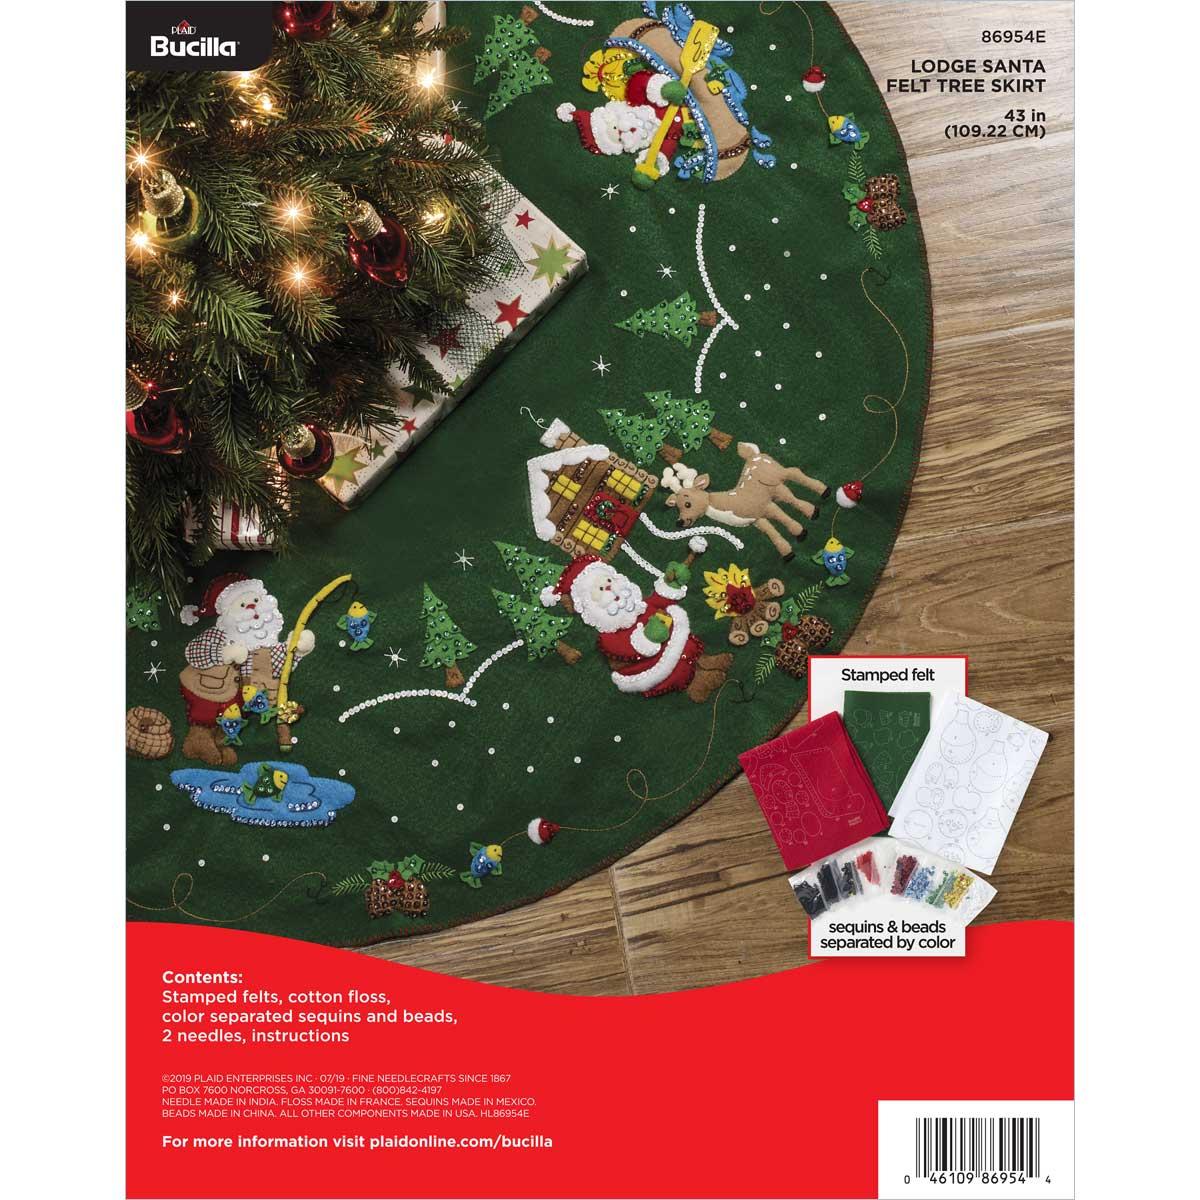 Bucilla ® Seasonal - Felt - Tree Skirt Kits - Lodge Santa - 86954E